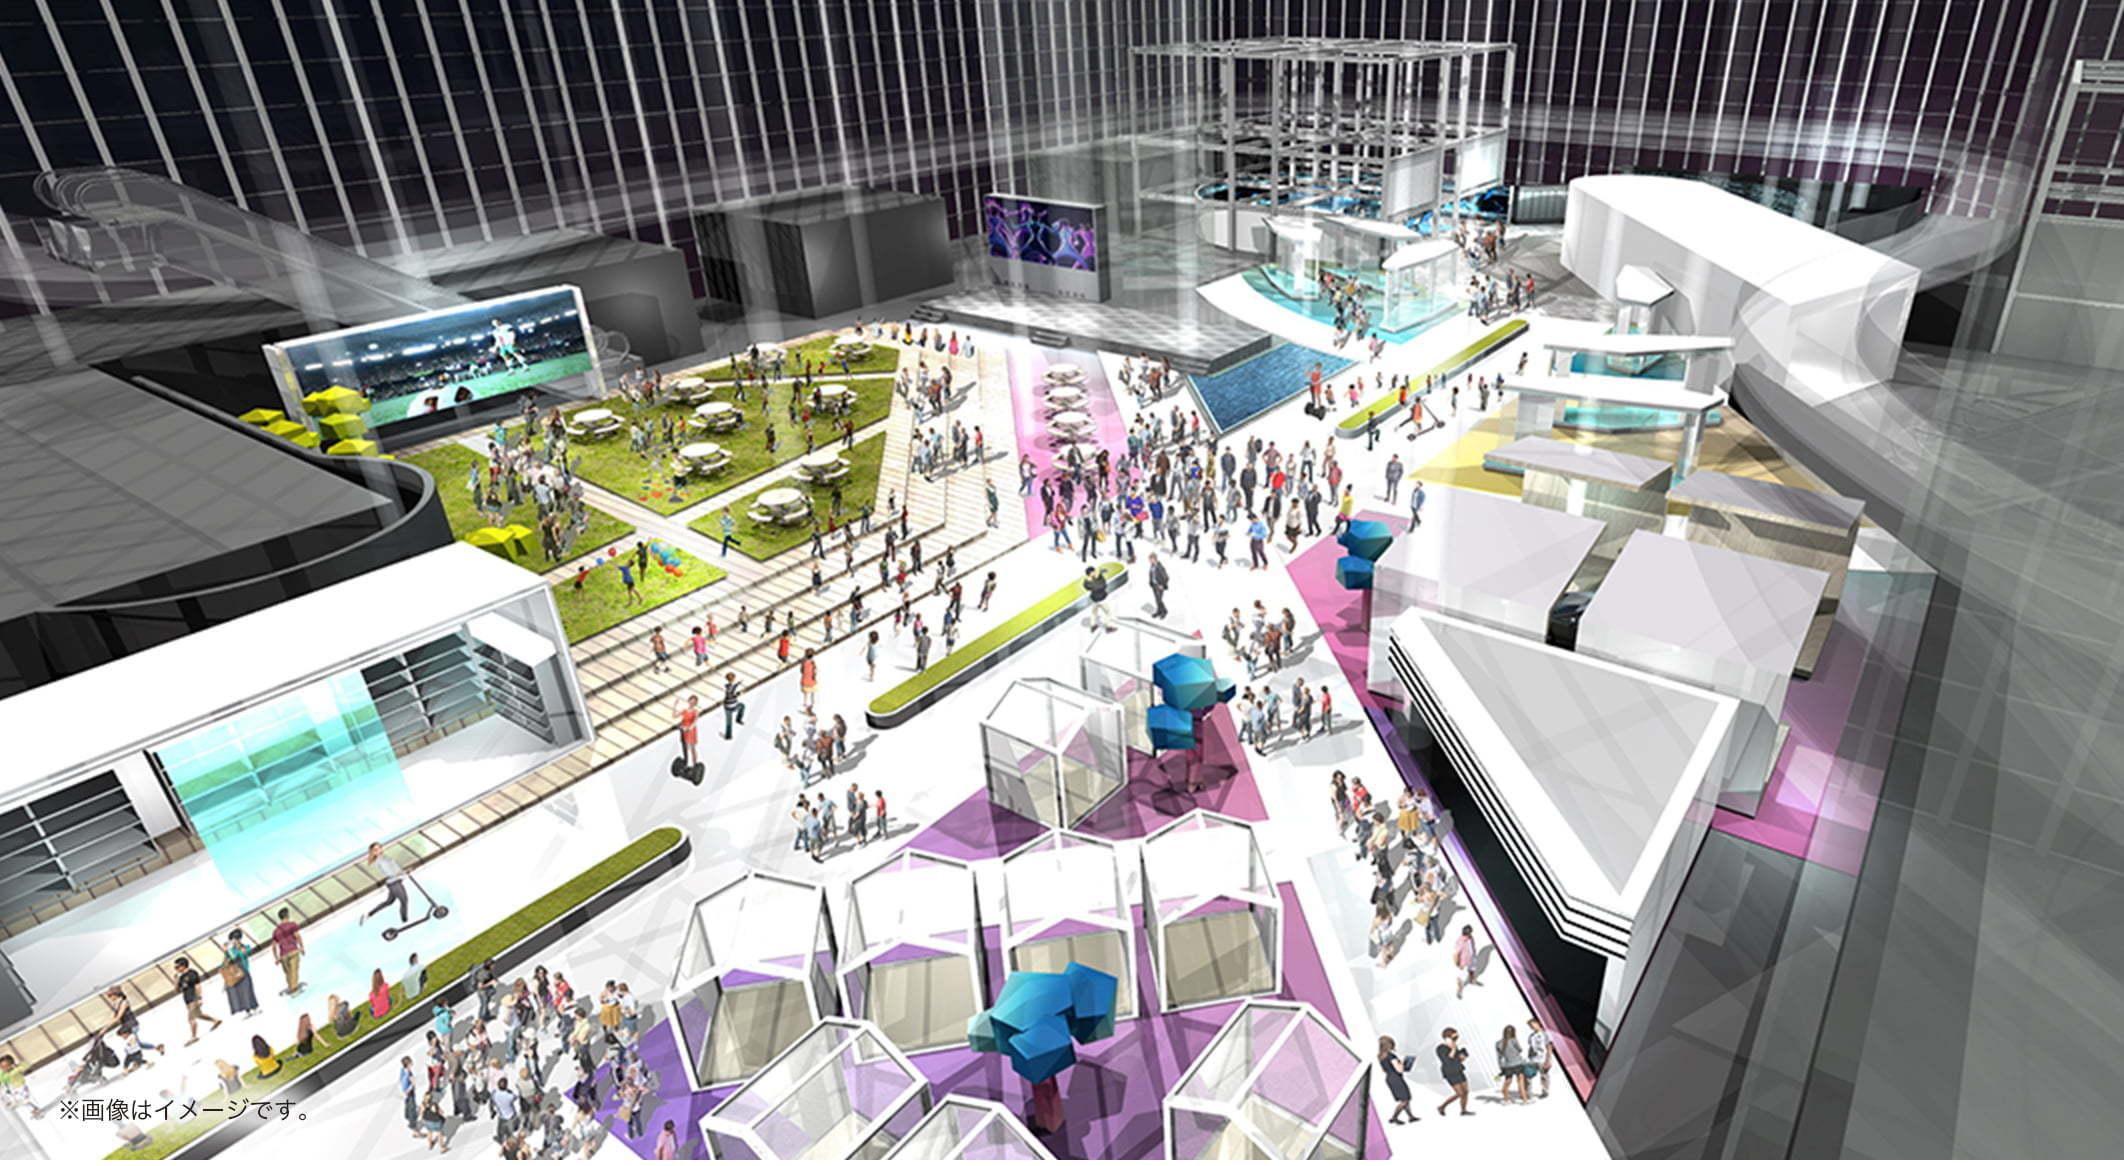 様々な業種の企業が未来の生活を描く「FUTURE EXPO」